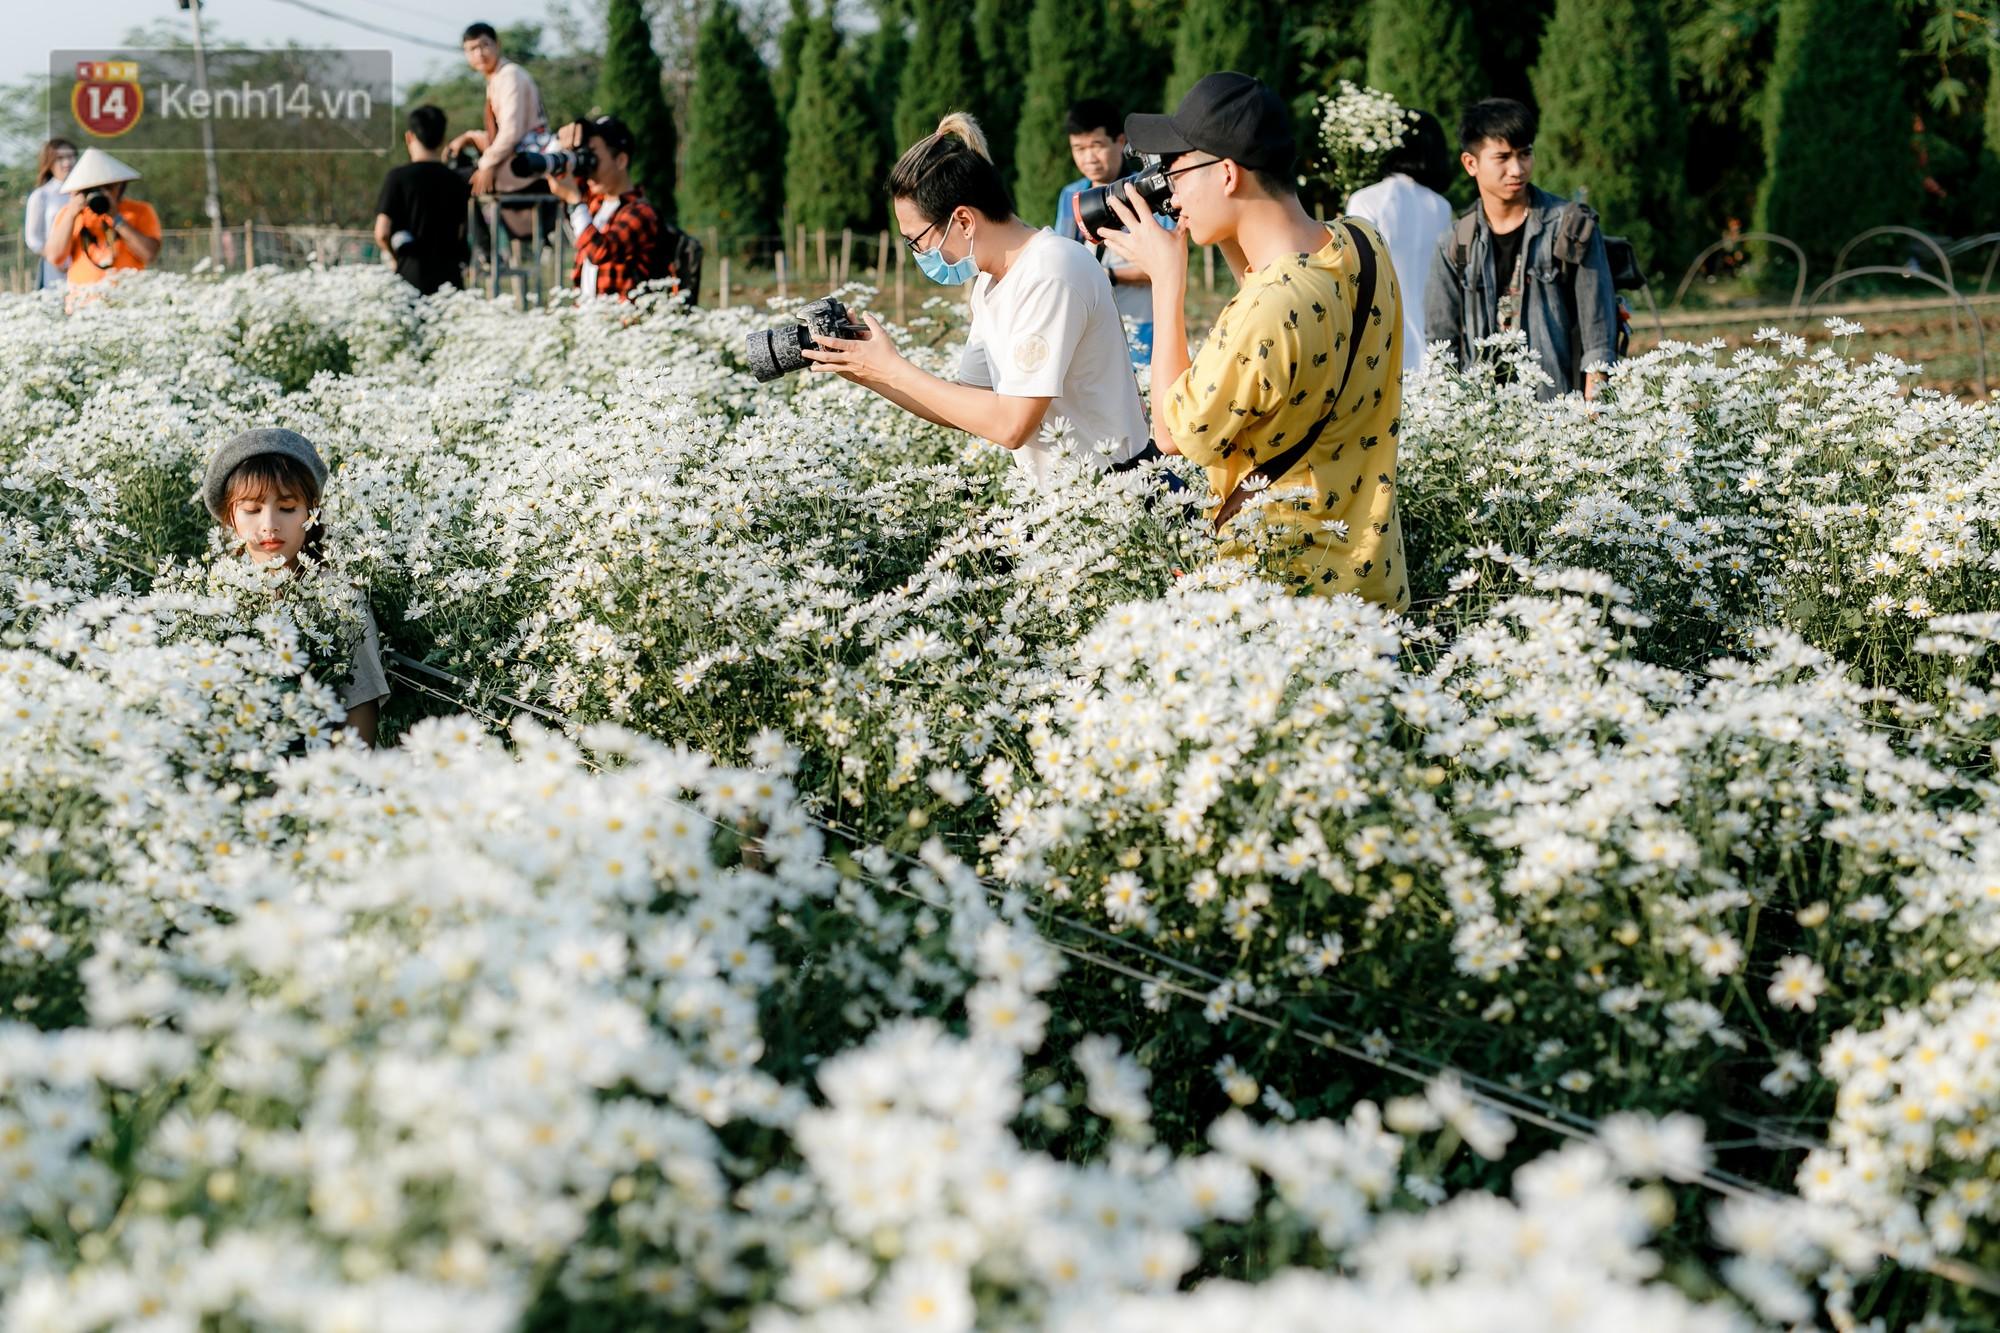 Vườn cúc hoạ mi ở Hà Nội 'thất thủ' cuối tuần: 1 mét vuông có chục nhiếp ảnh gia và mẫu 12